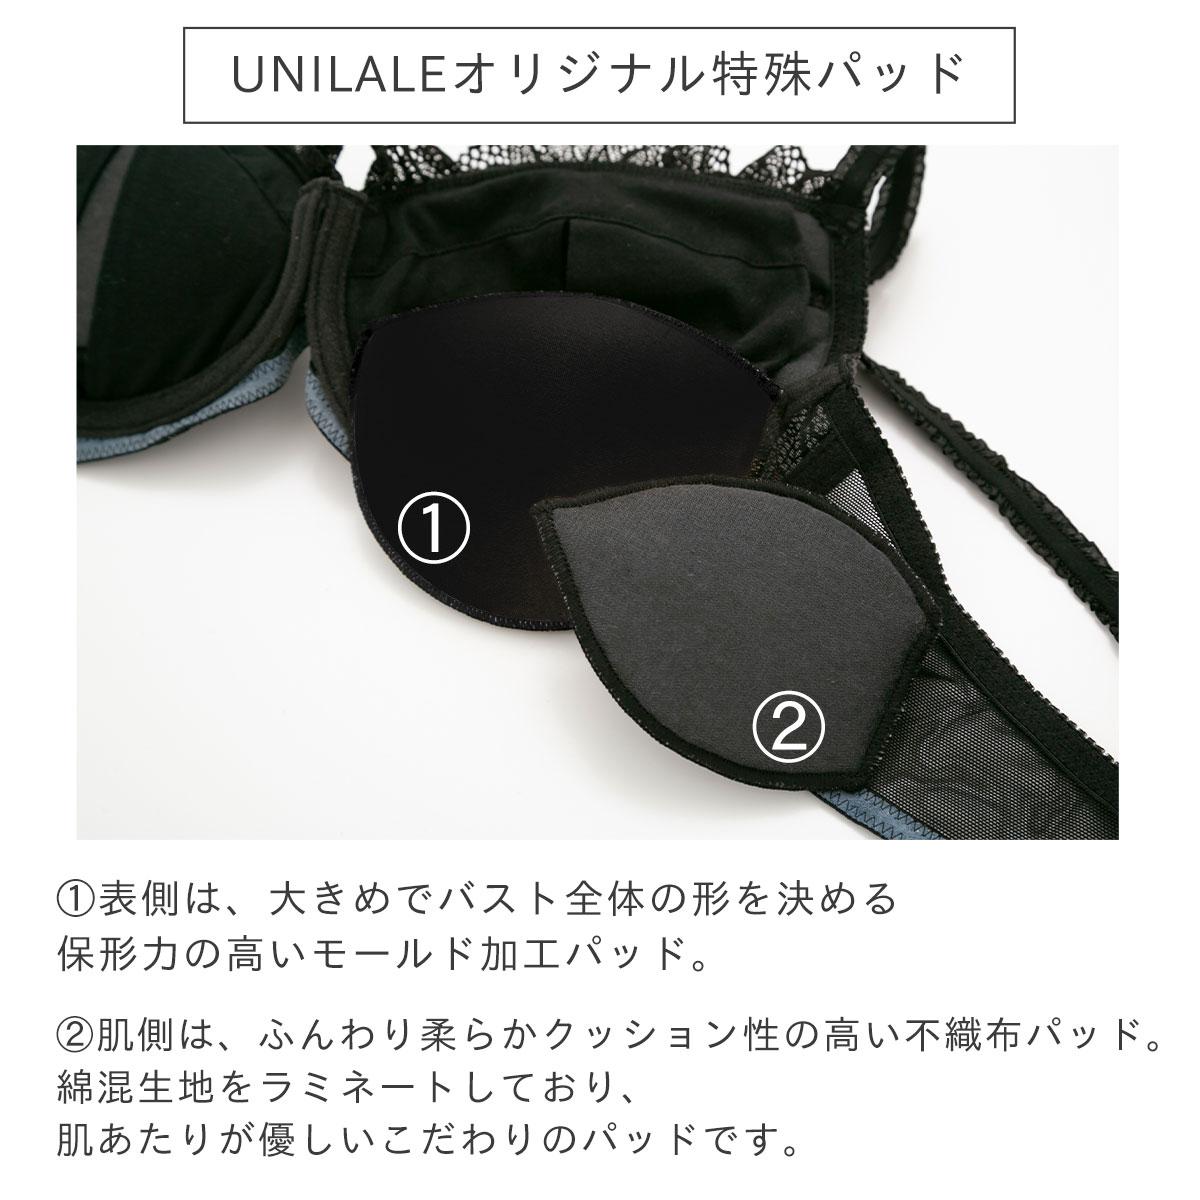 【ユニラーレ】 補正ブラジャー | #UNILALE #日本製  #ブラジャー #補正インナー #ブラ #麻倉ケイト